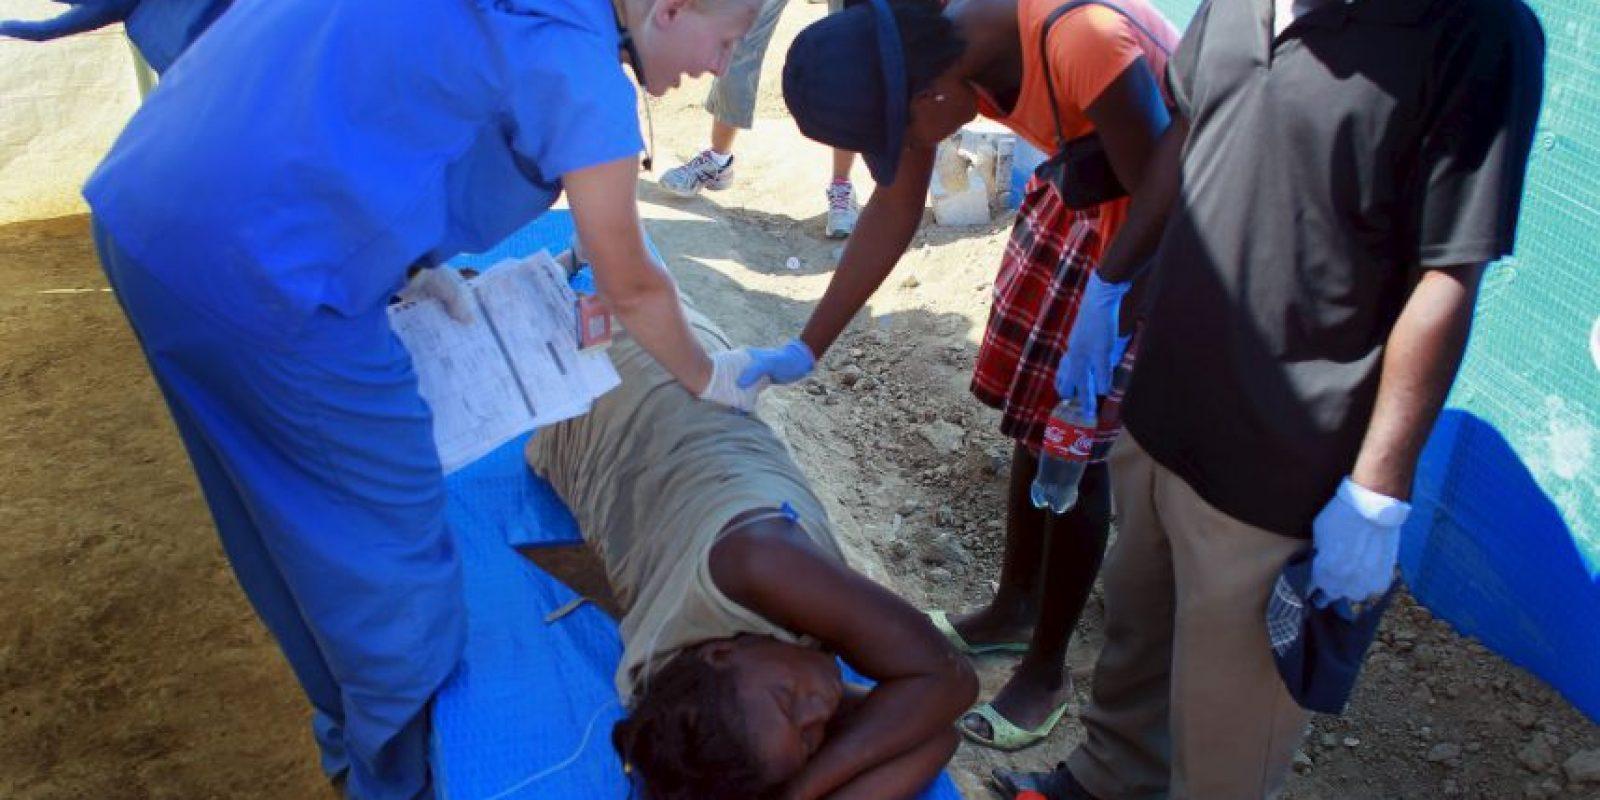 En 2010 Haití enfrentó un gran brote de cólera que dejó un saldo de más de ocho mil personas muertas. Foto:Getty Images